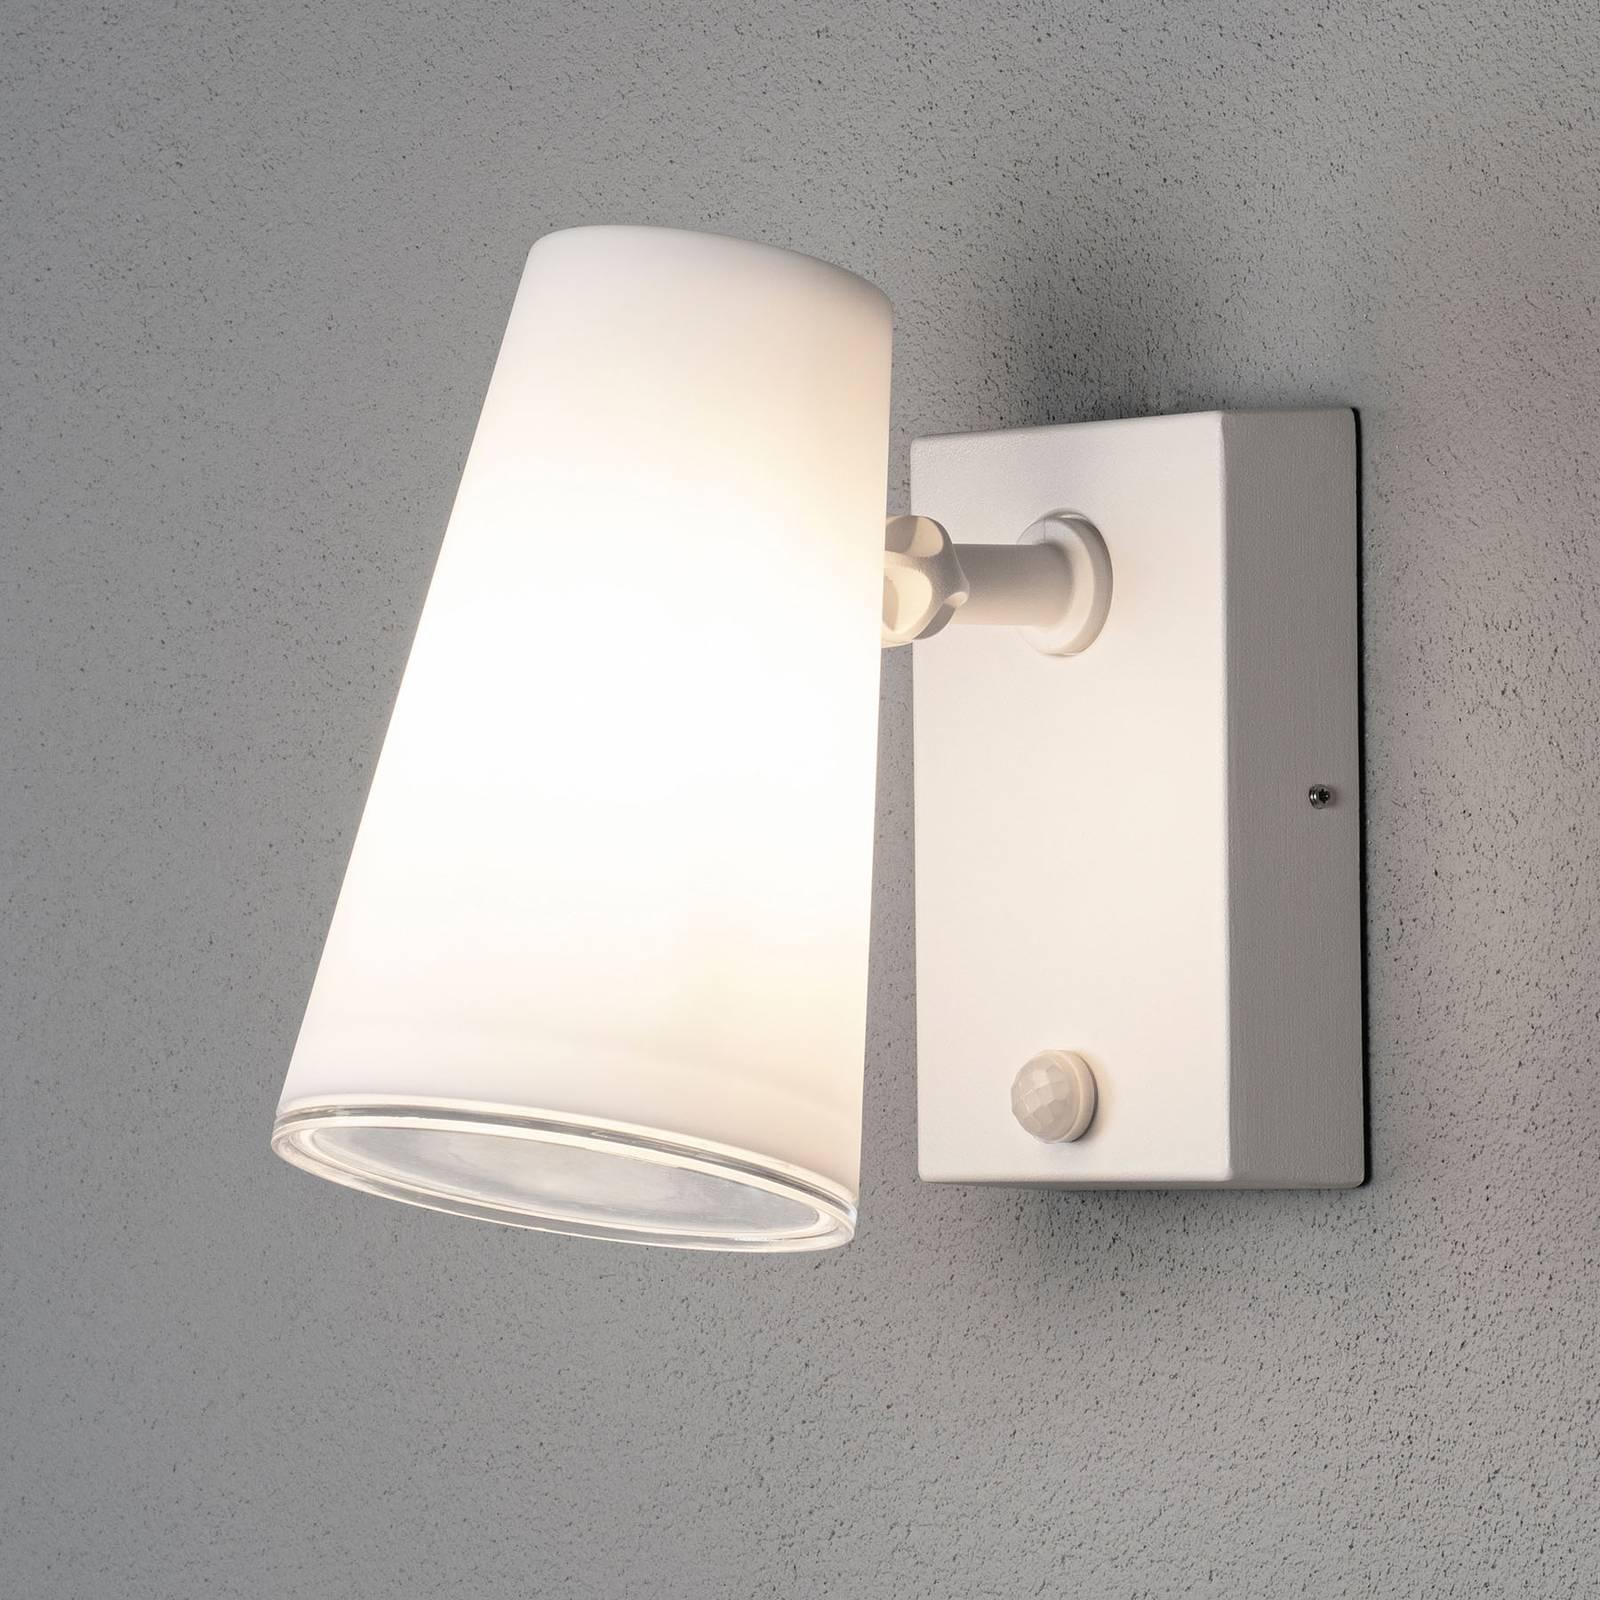 LED-ulkoseinäkohdevalo Fano liiketunnistimella